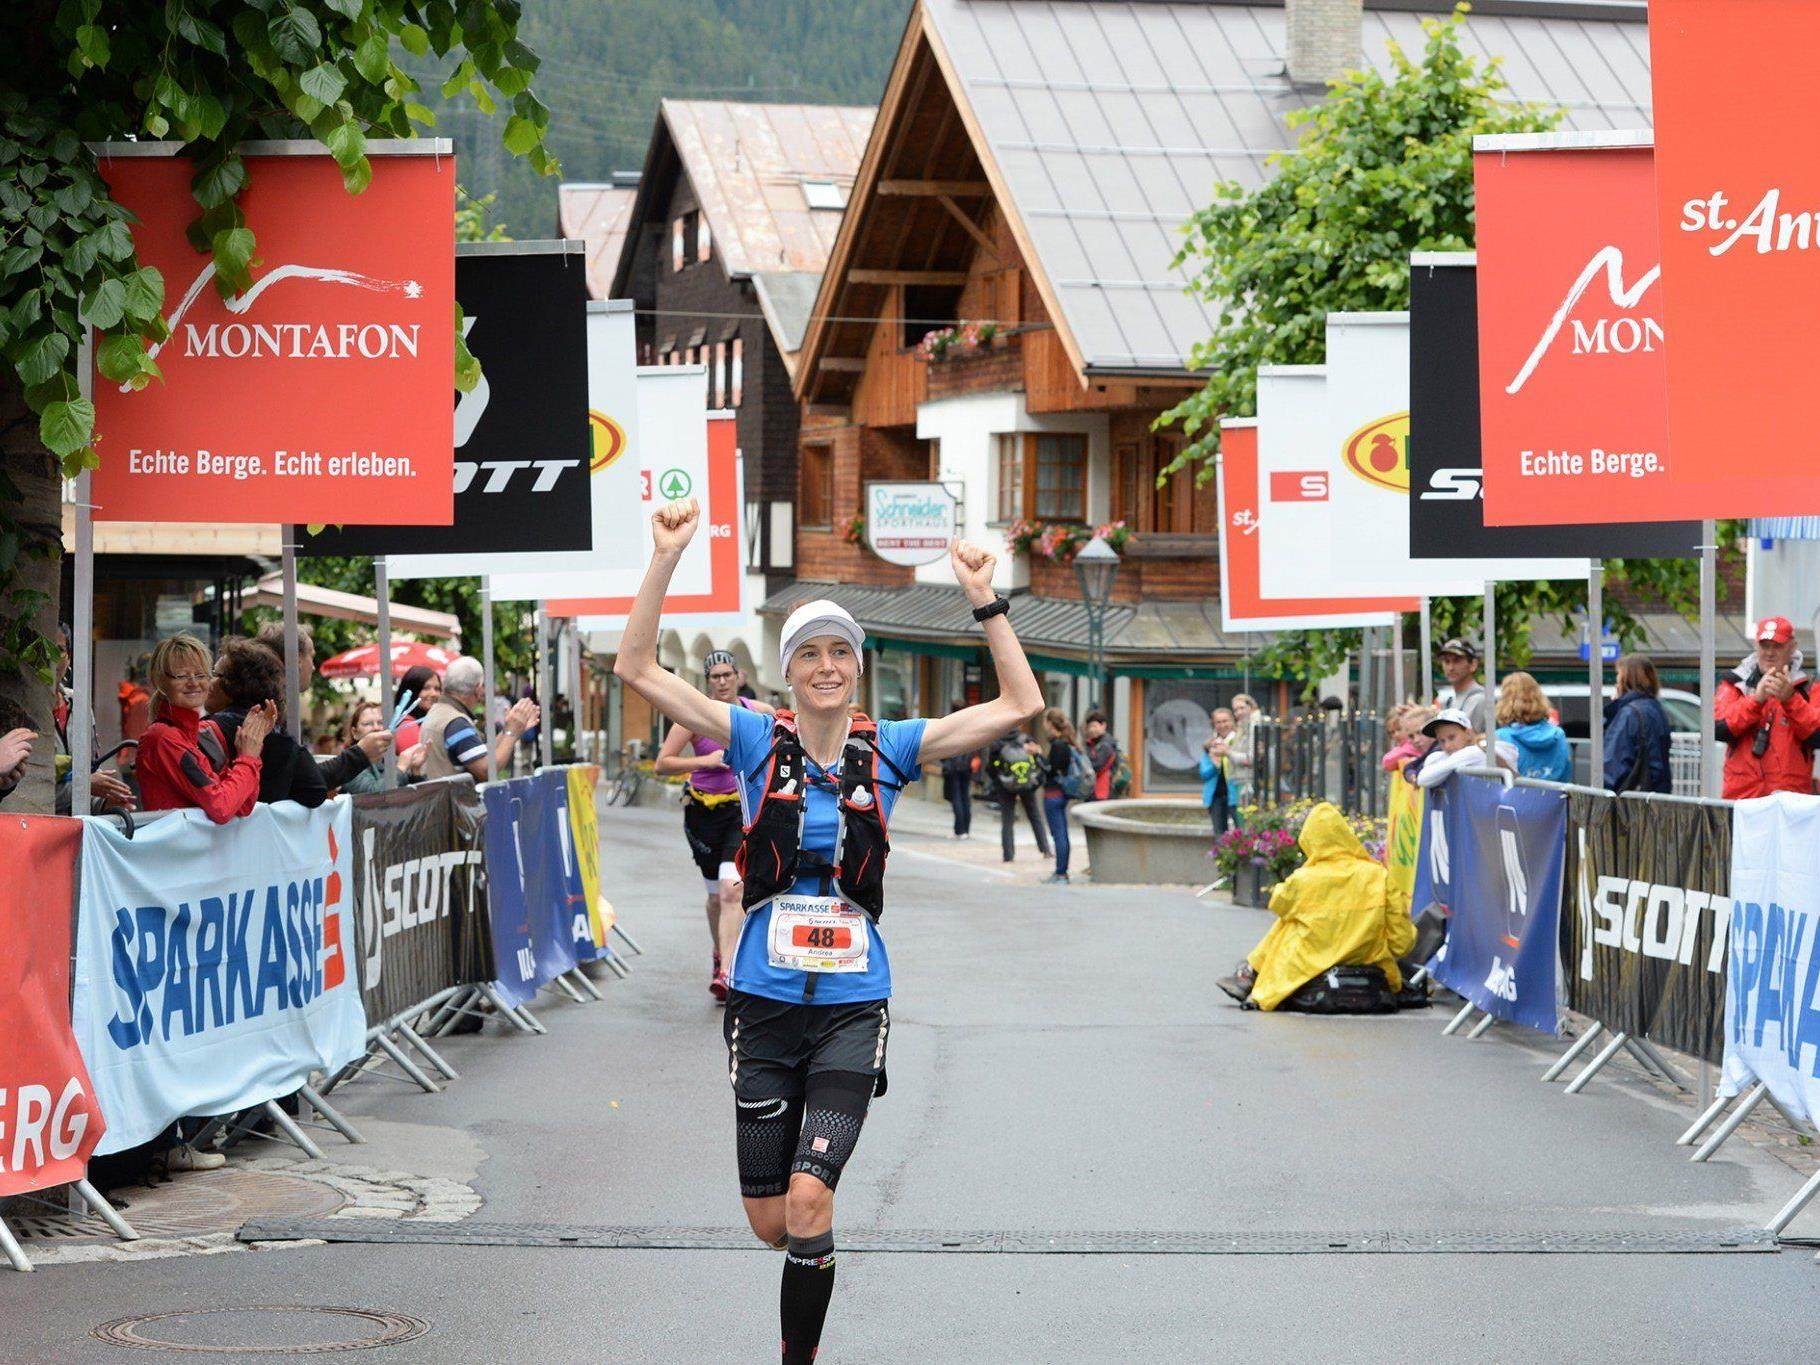 Die Vorarlbergerin Andrea Feuerstein-Rauch siegte beim Montafon Arlberg Marathon 2014 powered by Sparkasse in einer Zeit von 4:14:59,6.